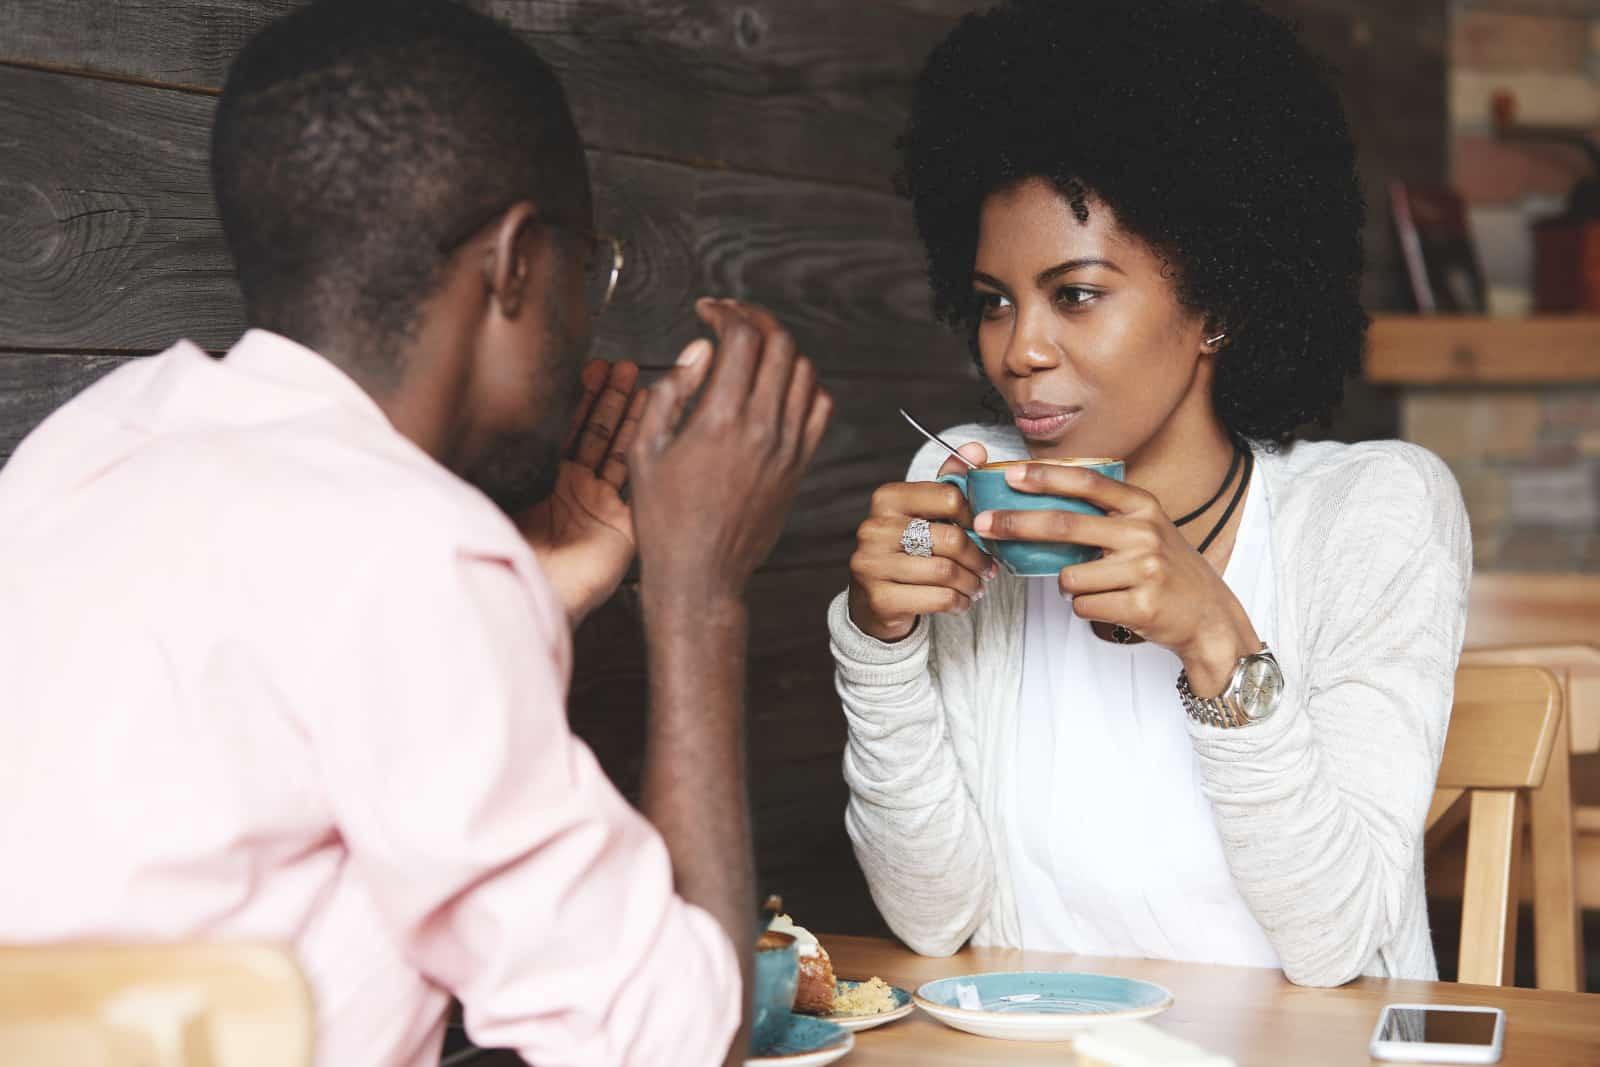 une femme noire tenant une tasse de café